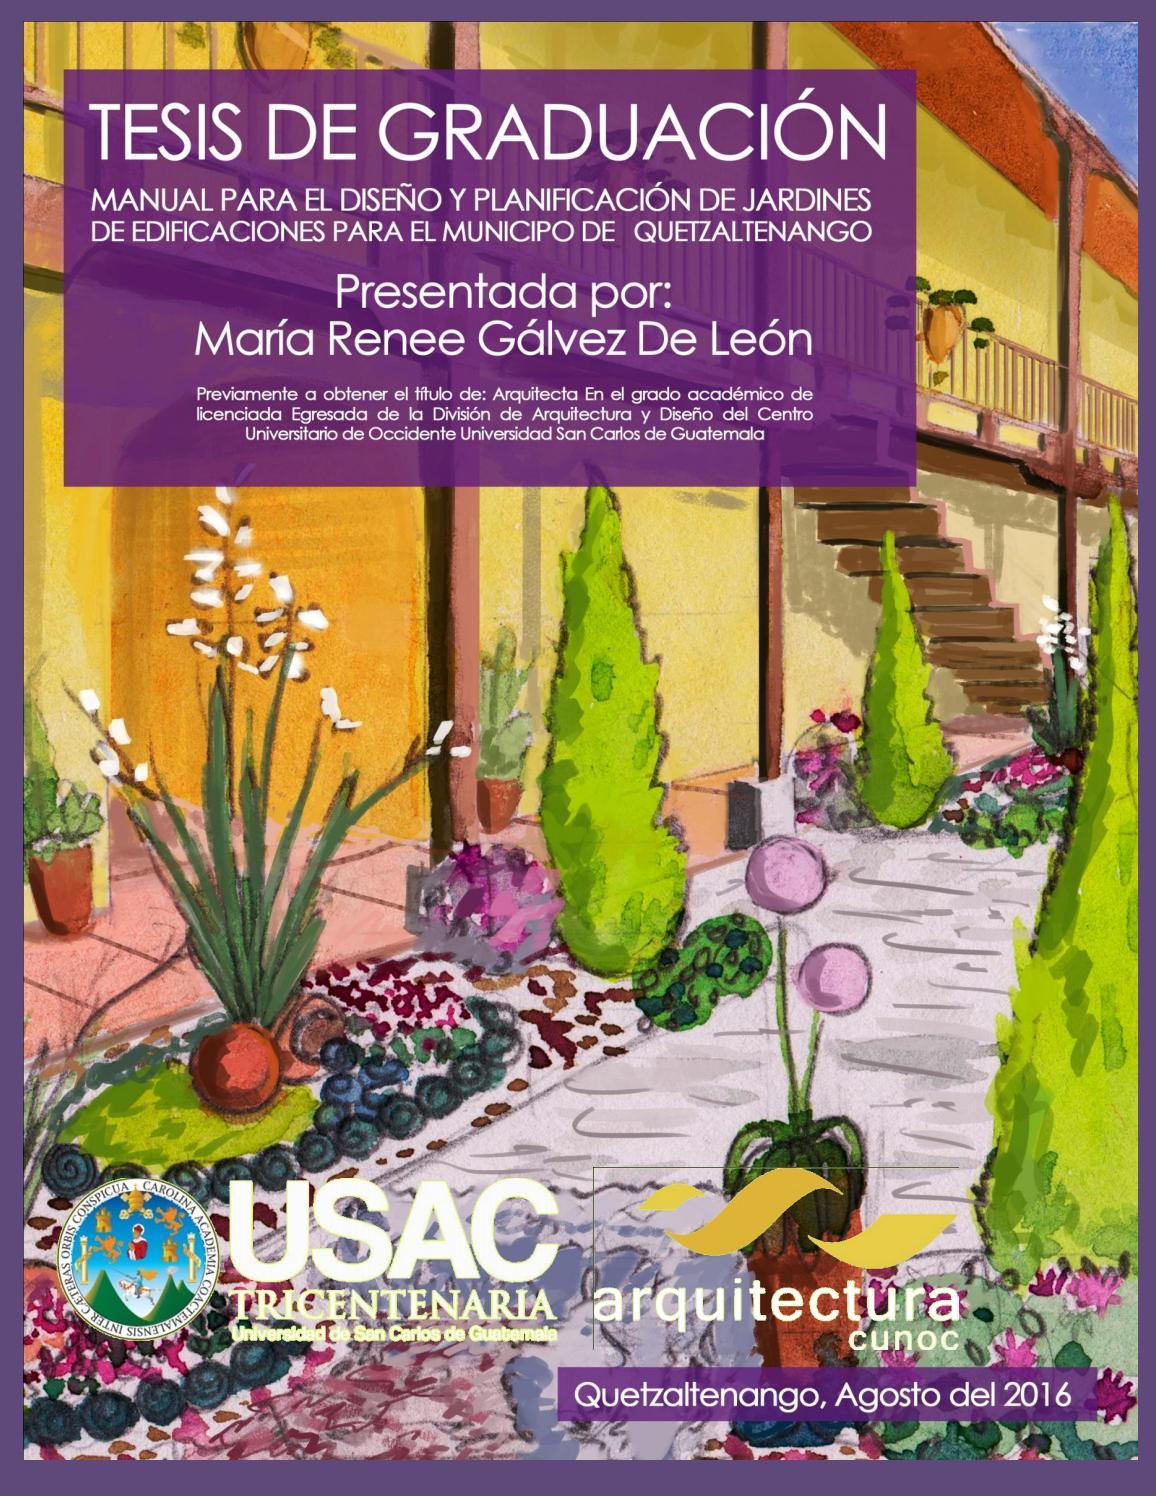 Tesis manual para el dise o y planificaciones de jardines for Diseno de interiores quetzaltenango